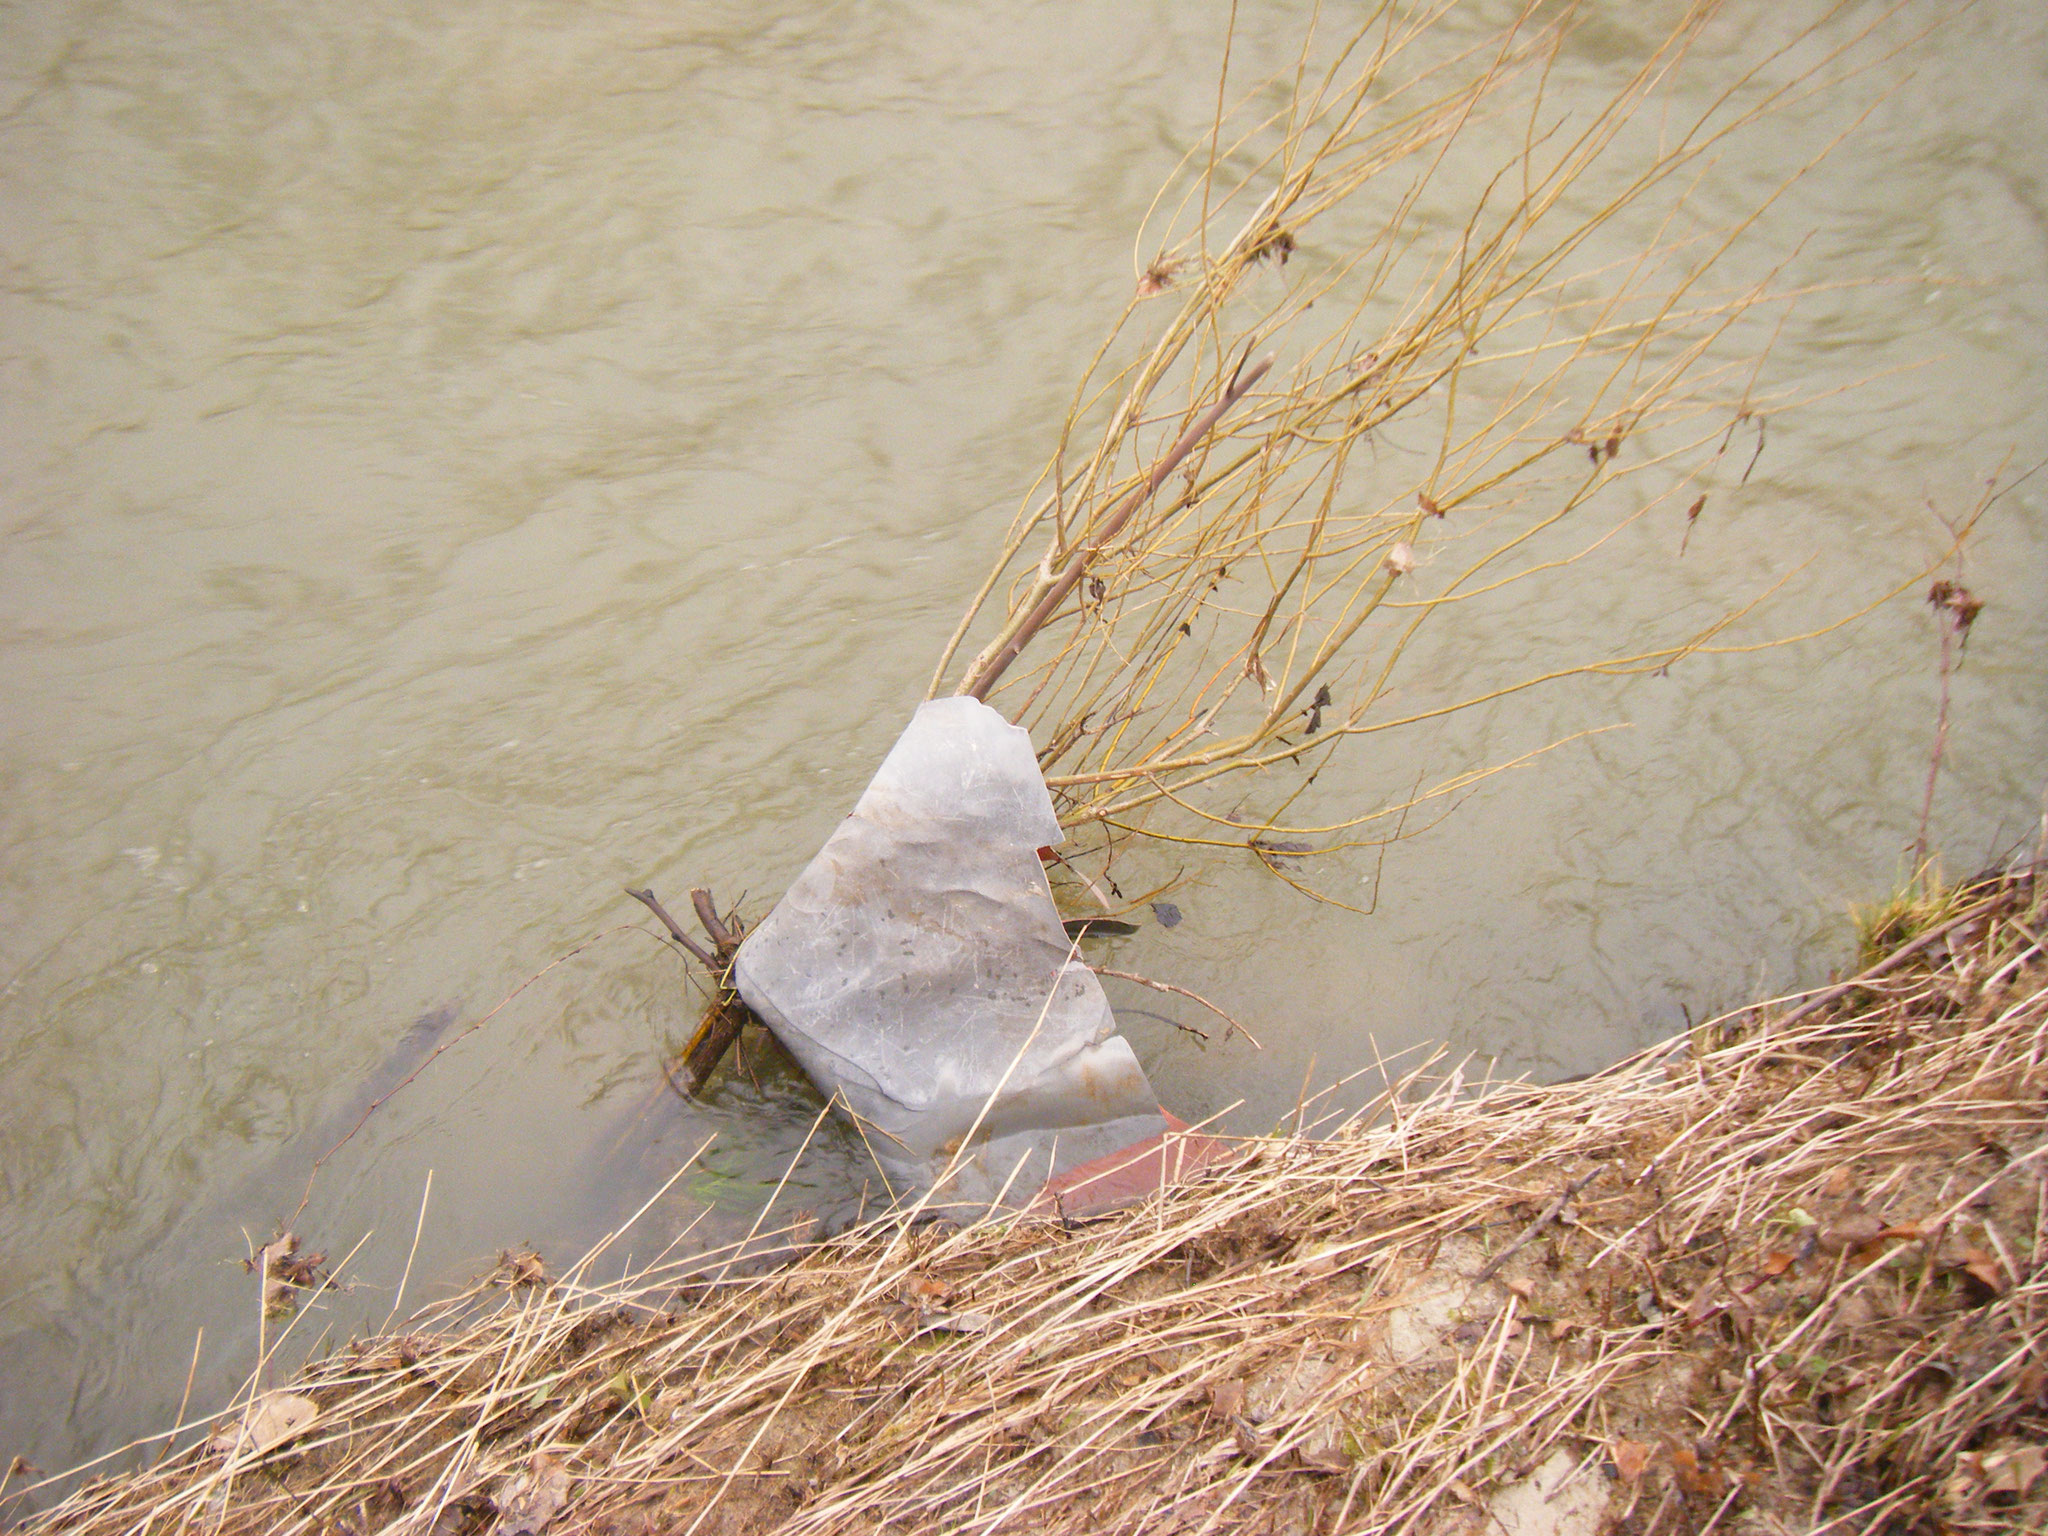 selbst an kleinsten Ästen hängt der Müll, hier eine dicke Verpackungsfolie